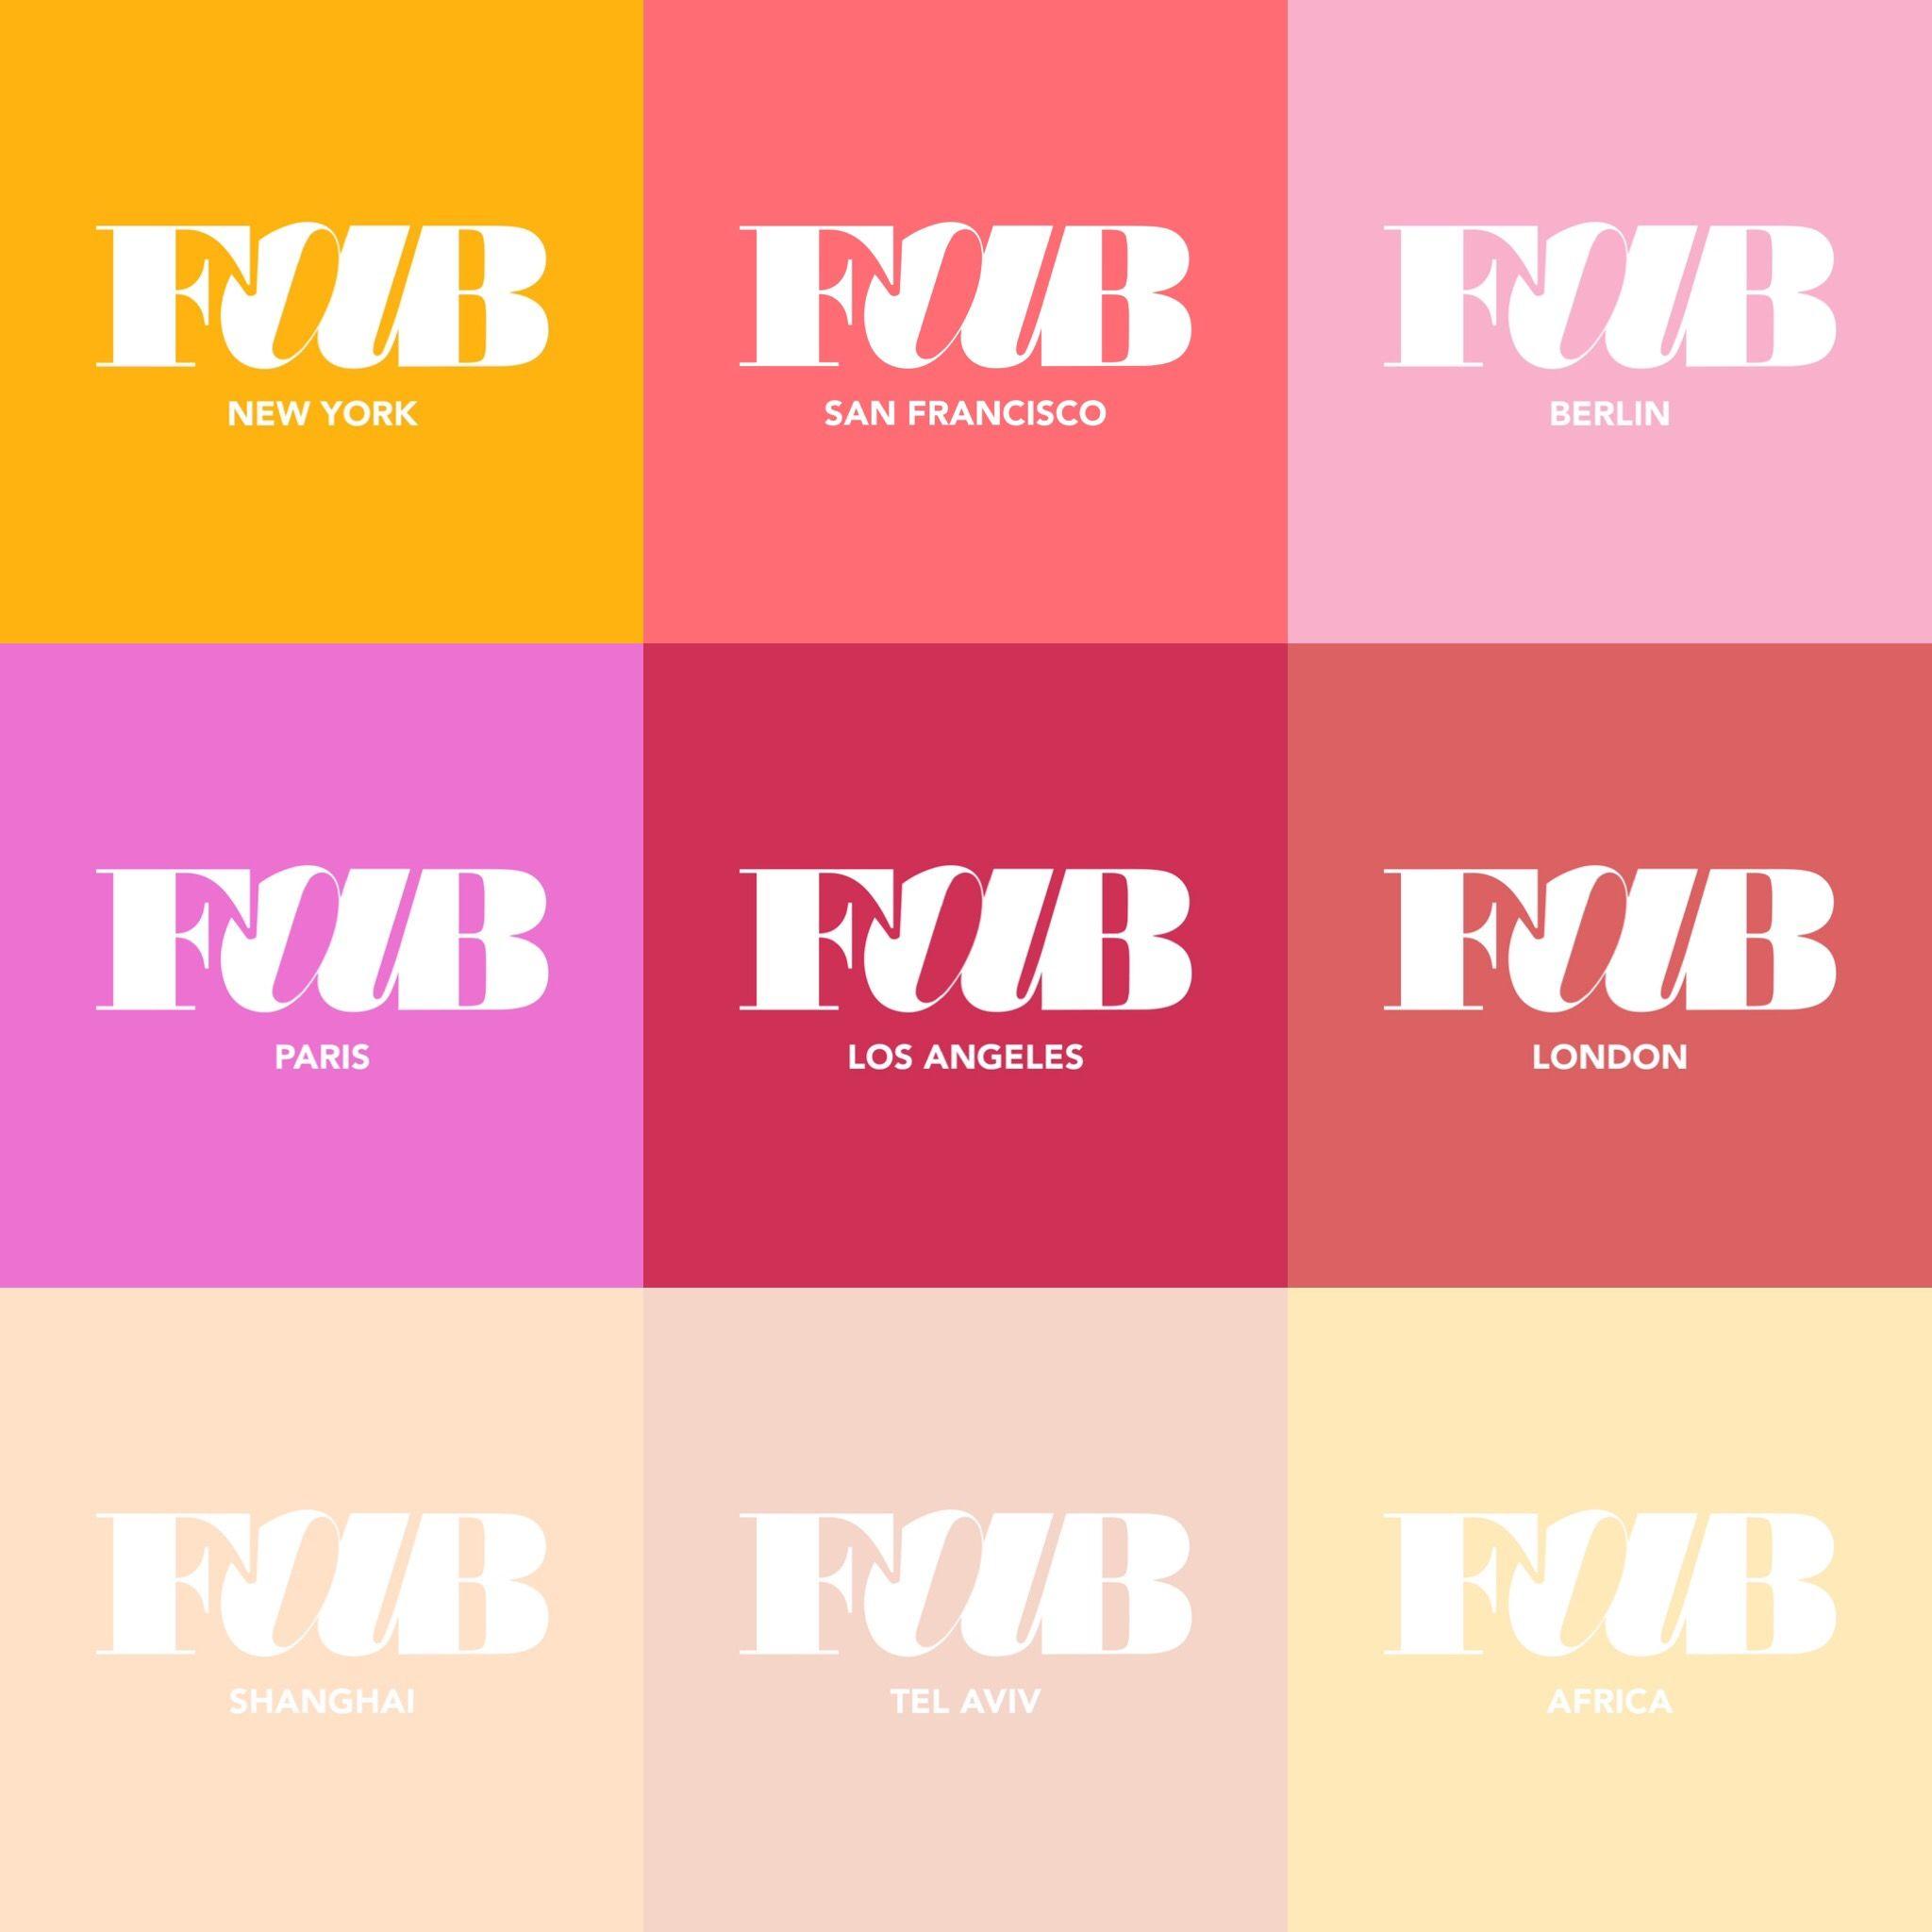 We are fab #wearefab #wearefab #fashion #beauty #beautytech #purpose